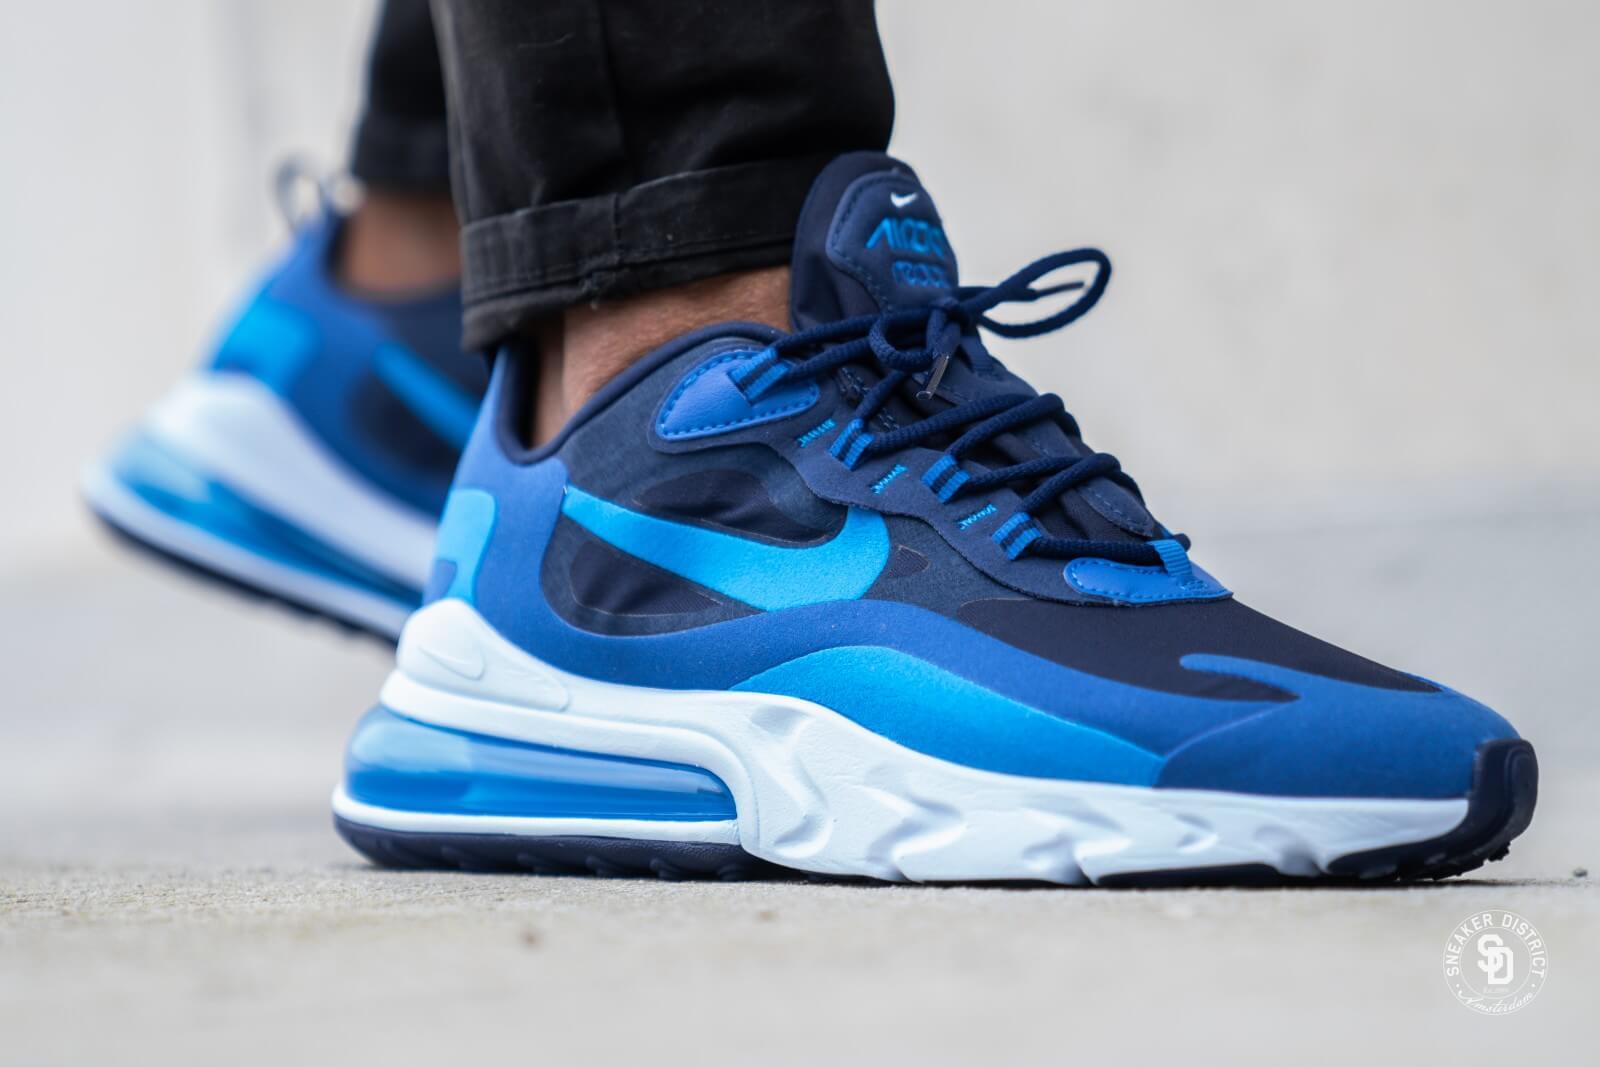 Nike Air Max 270 React Blue Void/Photo